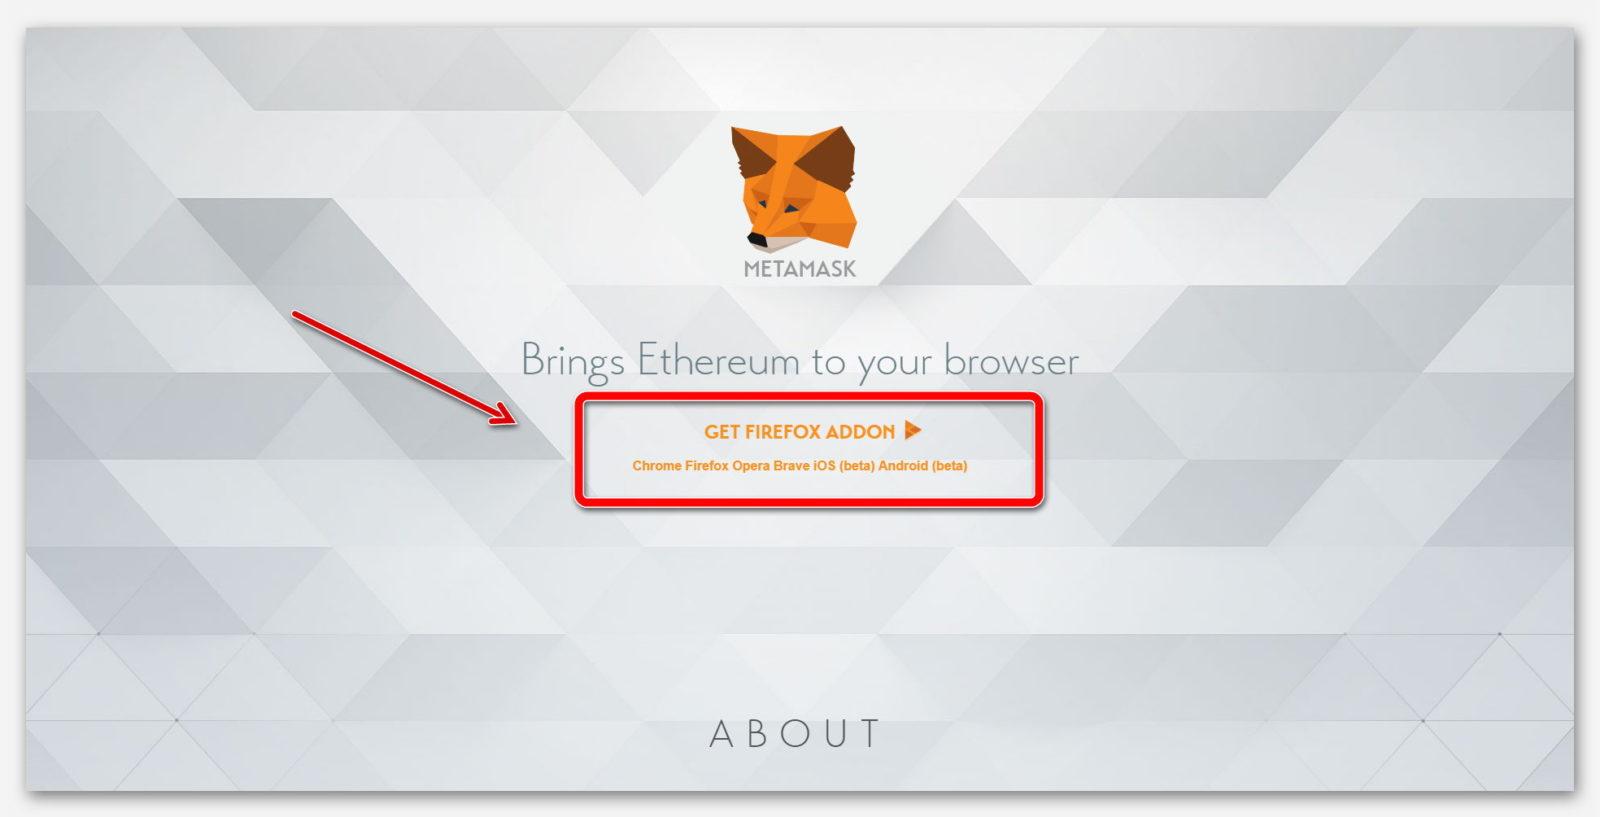 Установка Ethereum кошелька MetaMask